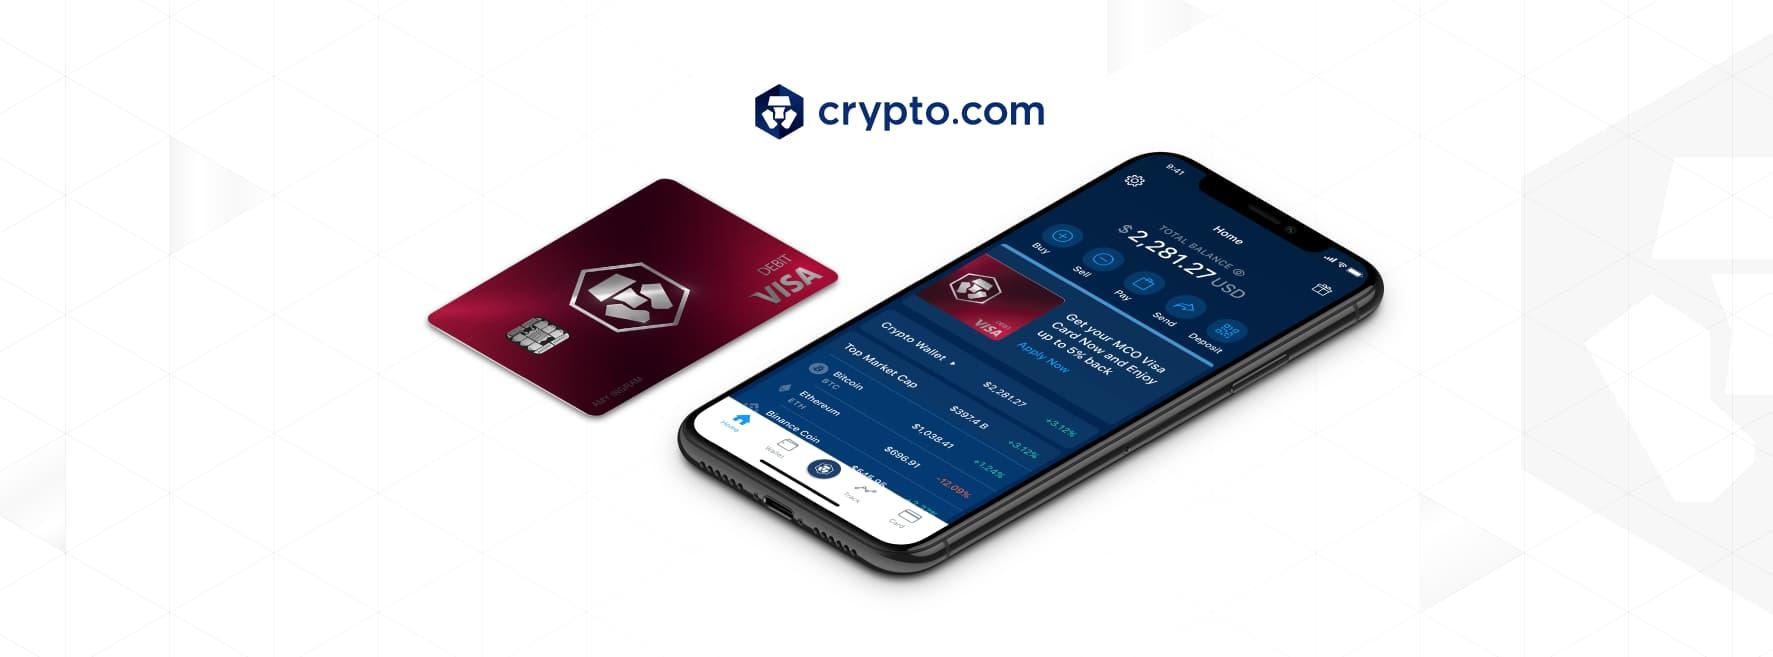 Acquisto di Bitcoin tramite Crypto.com passo per passo